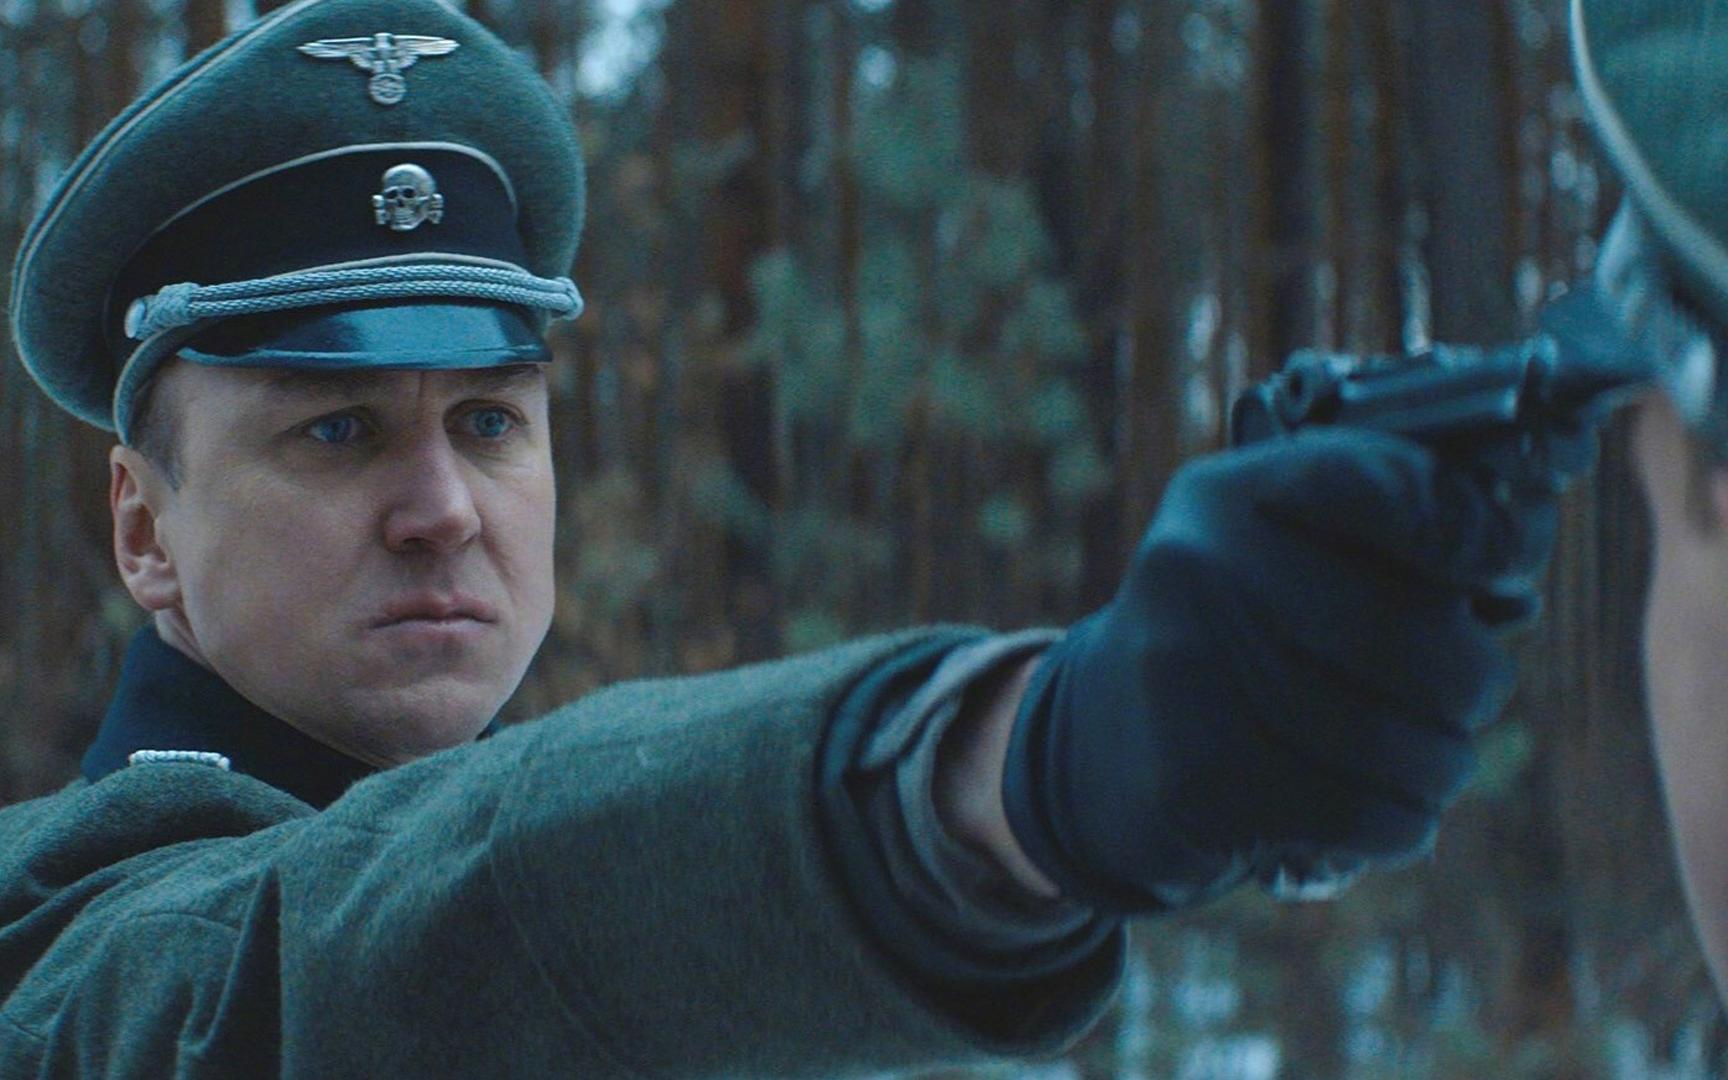 用2840条人命造语言,犹太人骗过德国军官,电影《波斯语课》解说